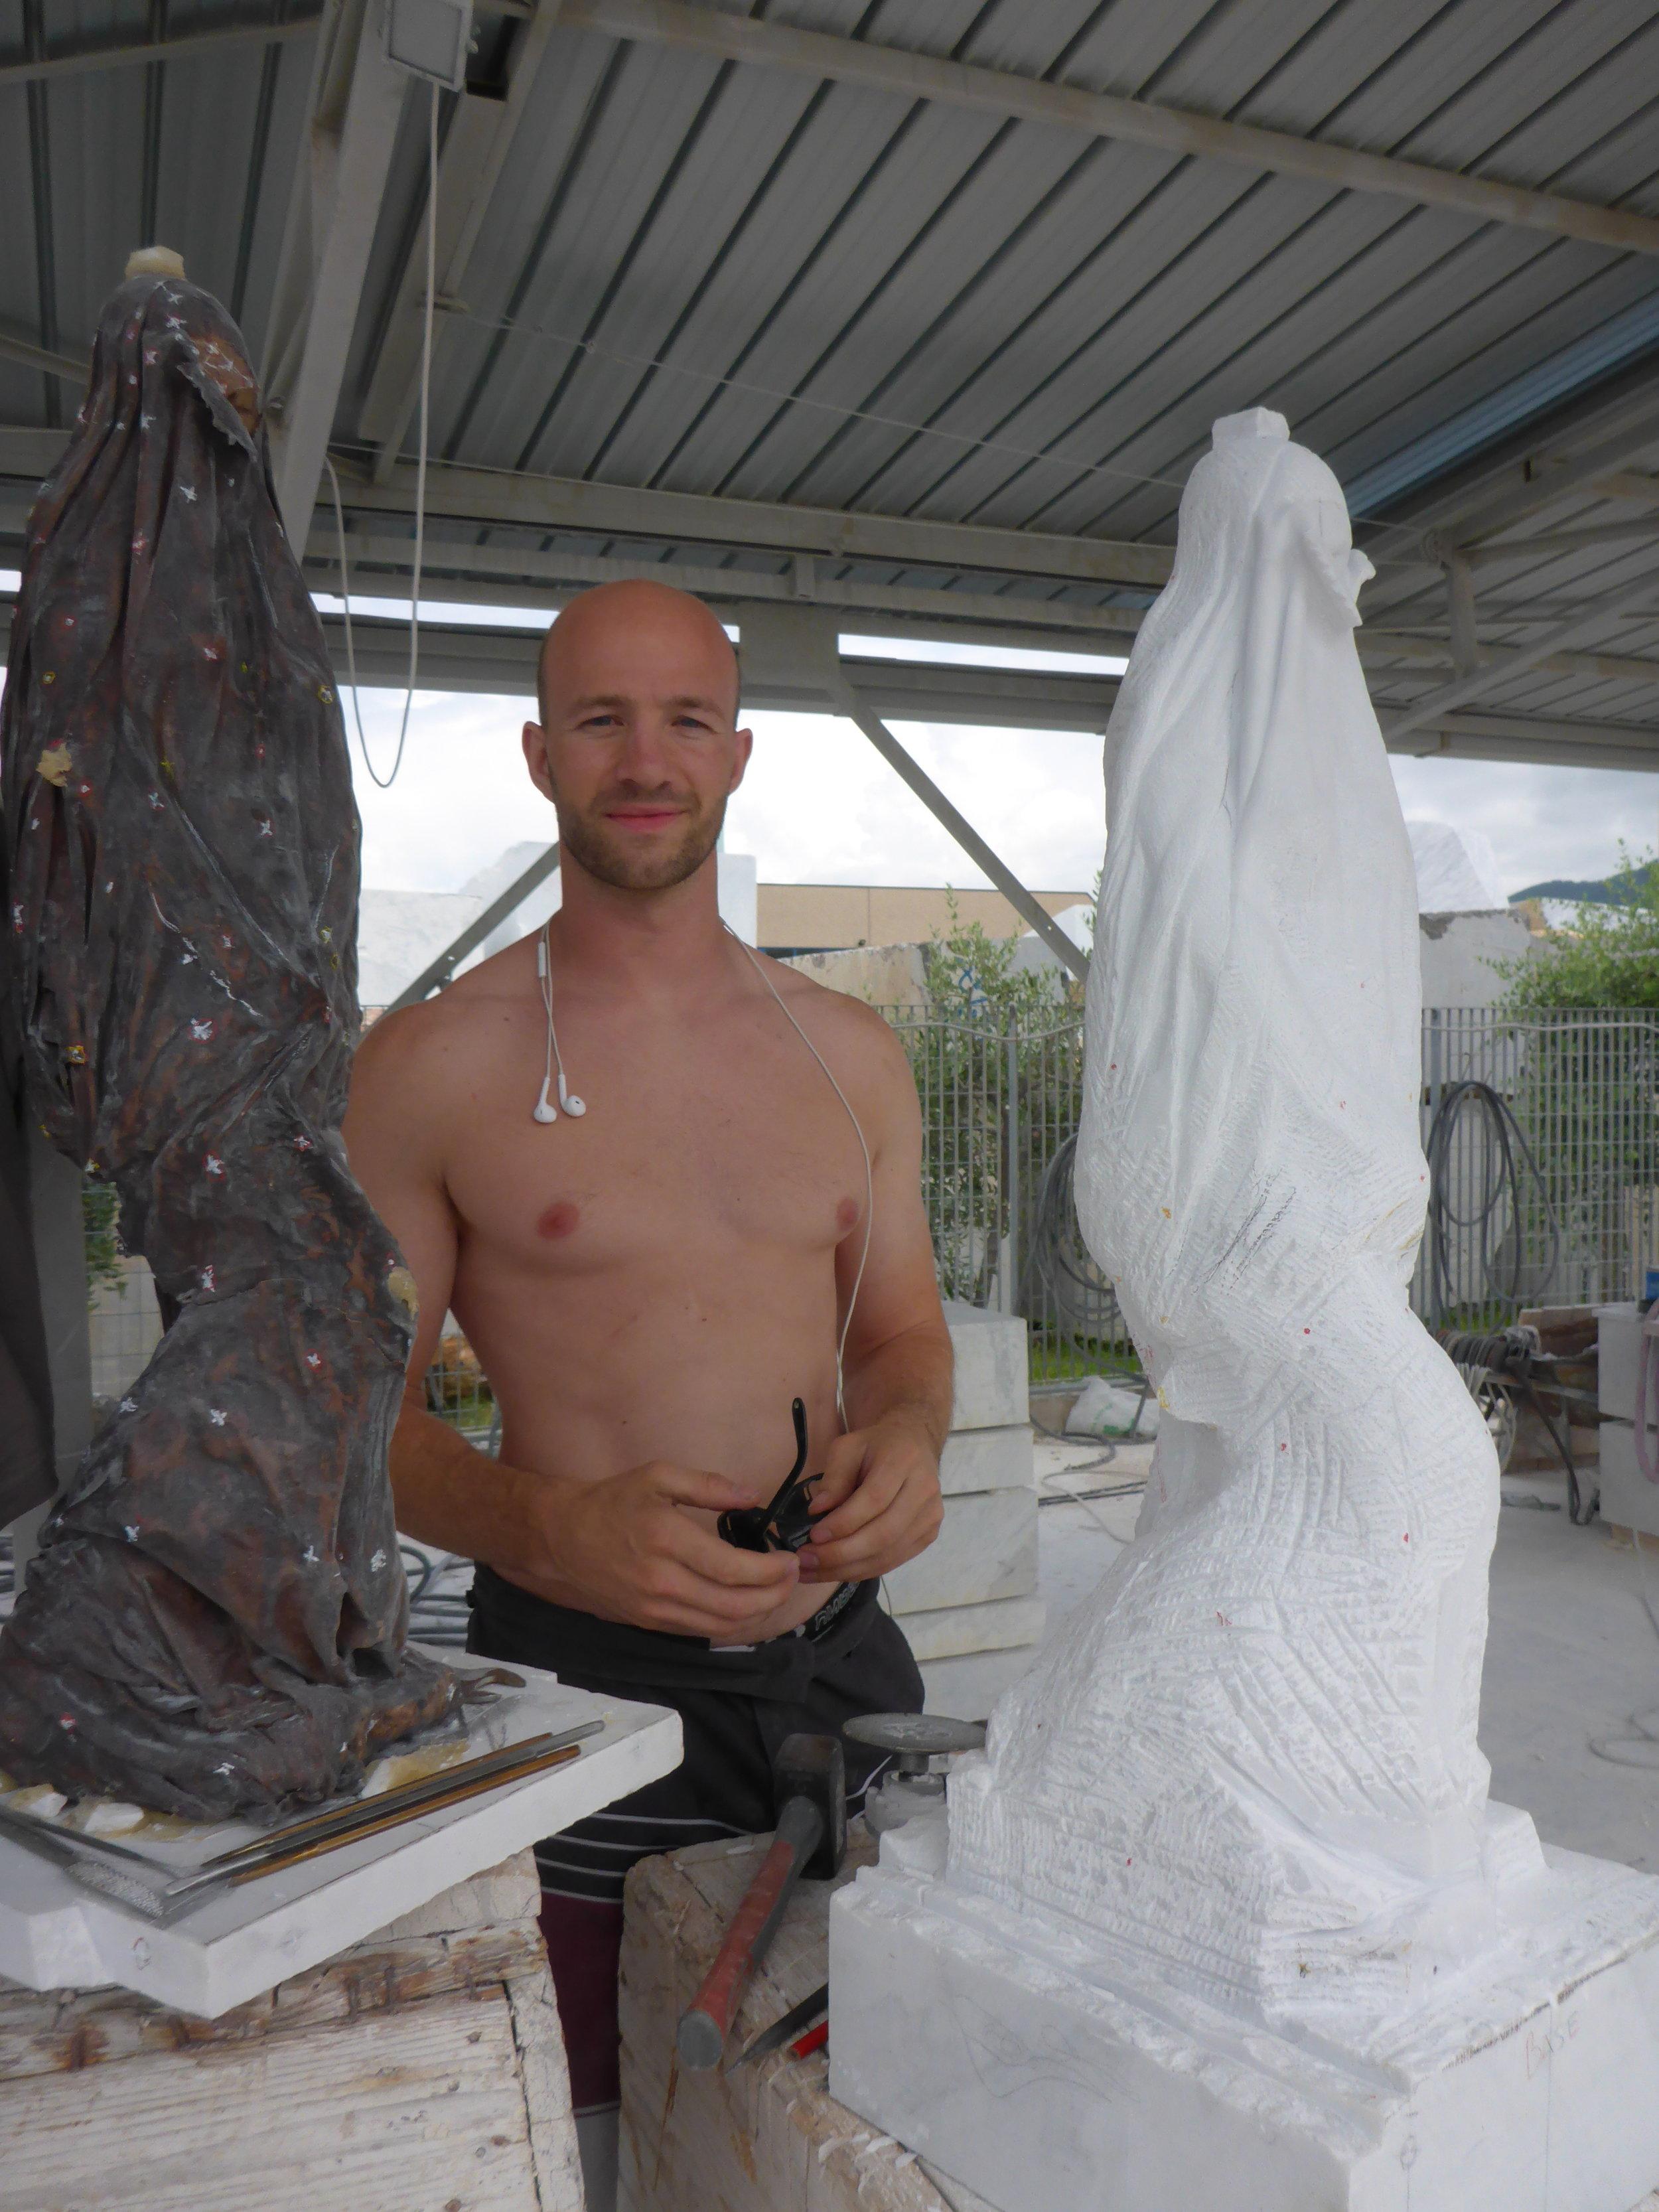 New-York-Academy-of-Art-Carrara-Residency-Josh-Henderson-Heena-Kim20140626_0123.JPG